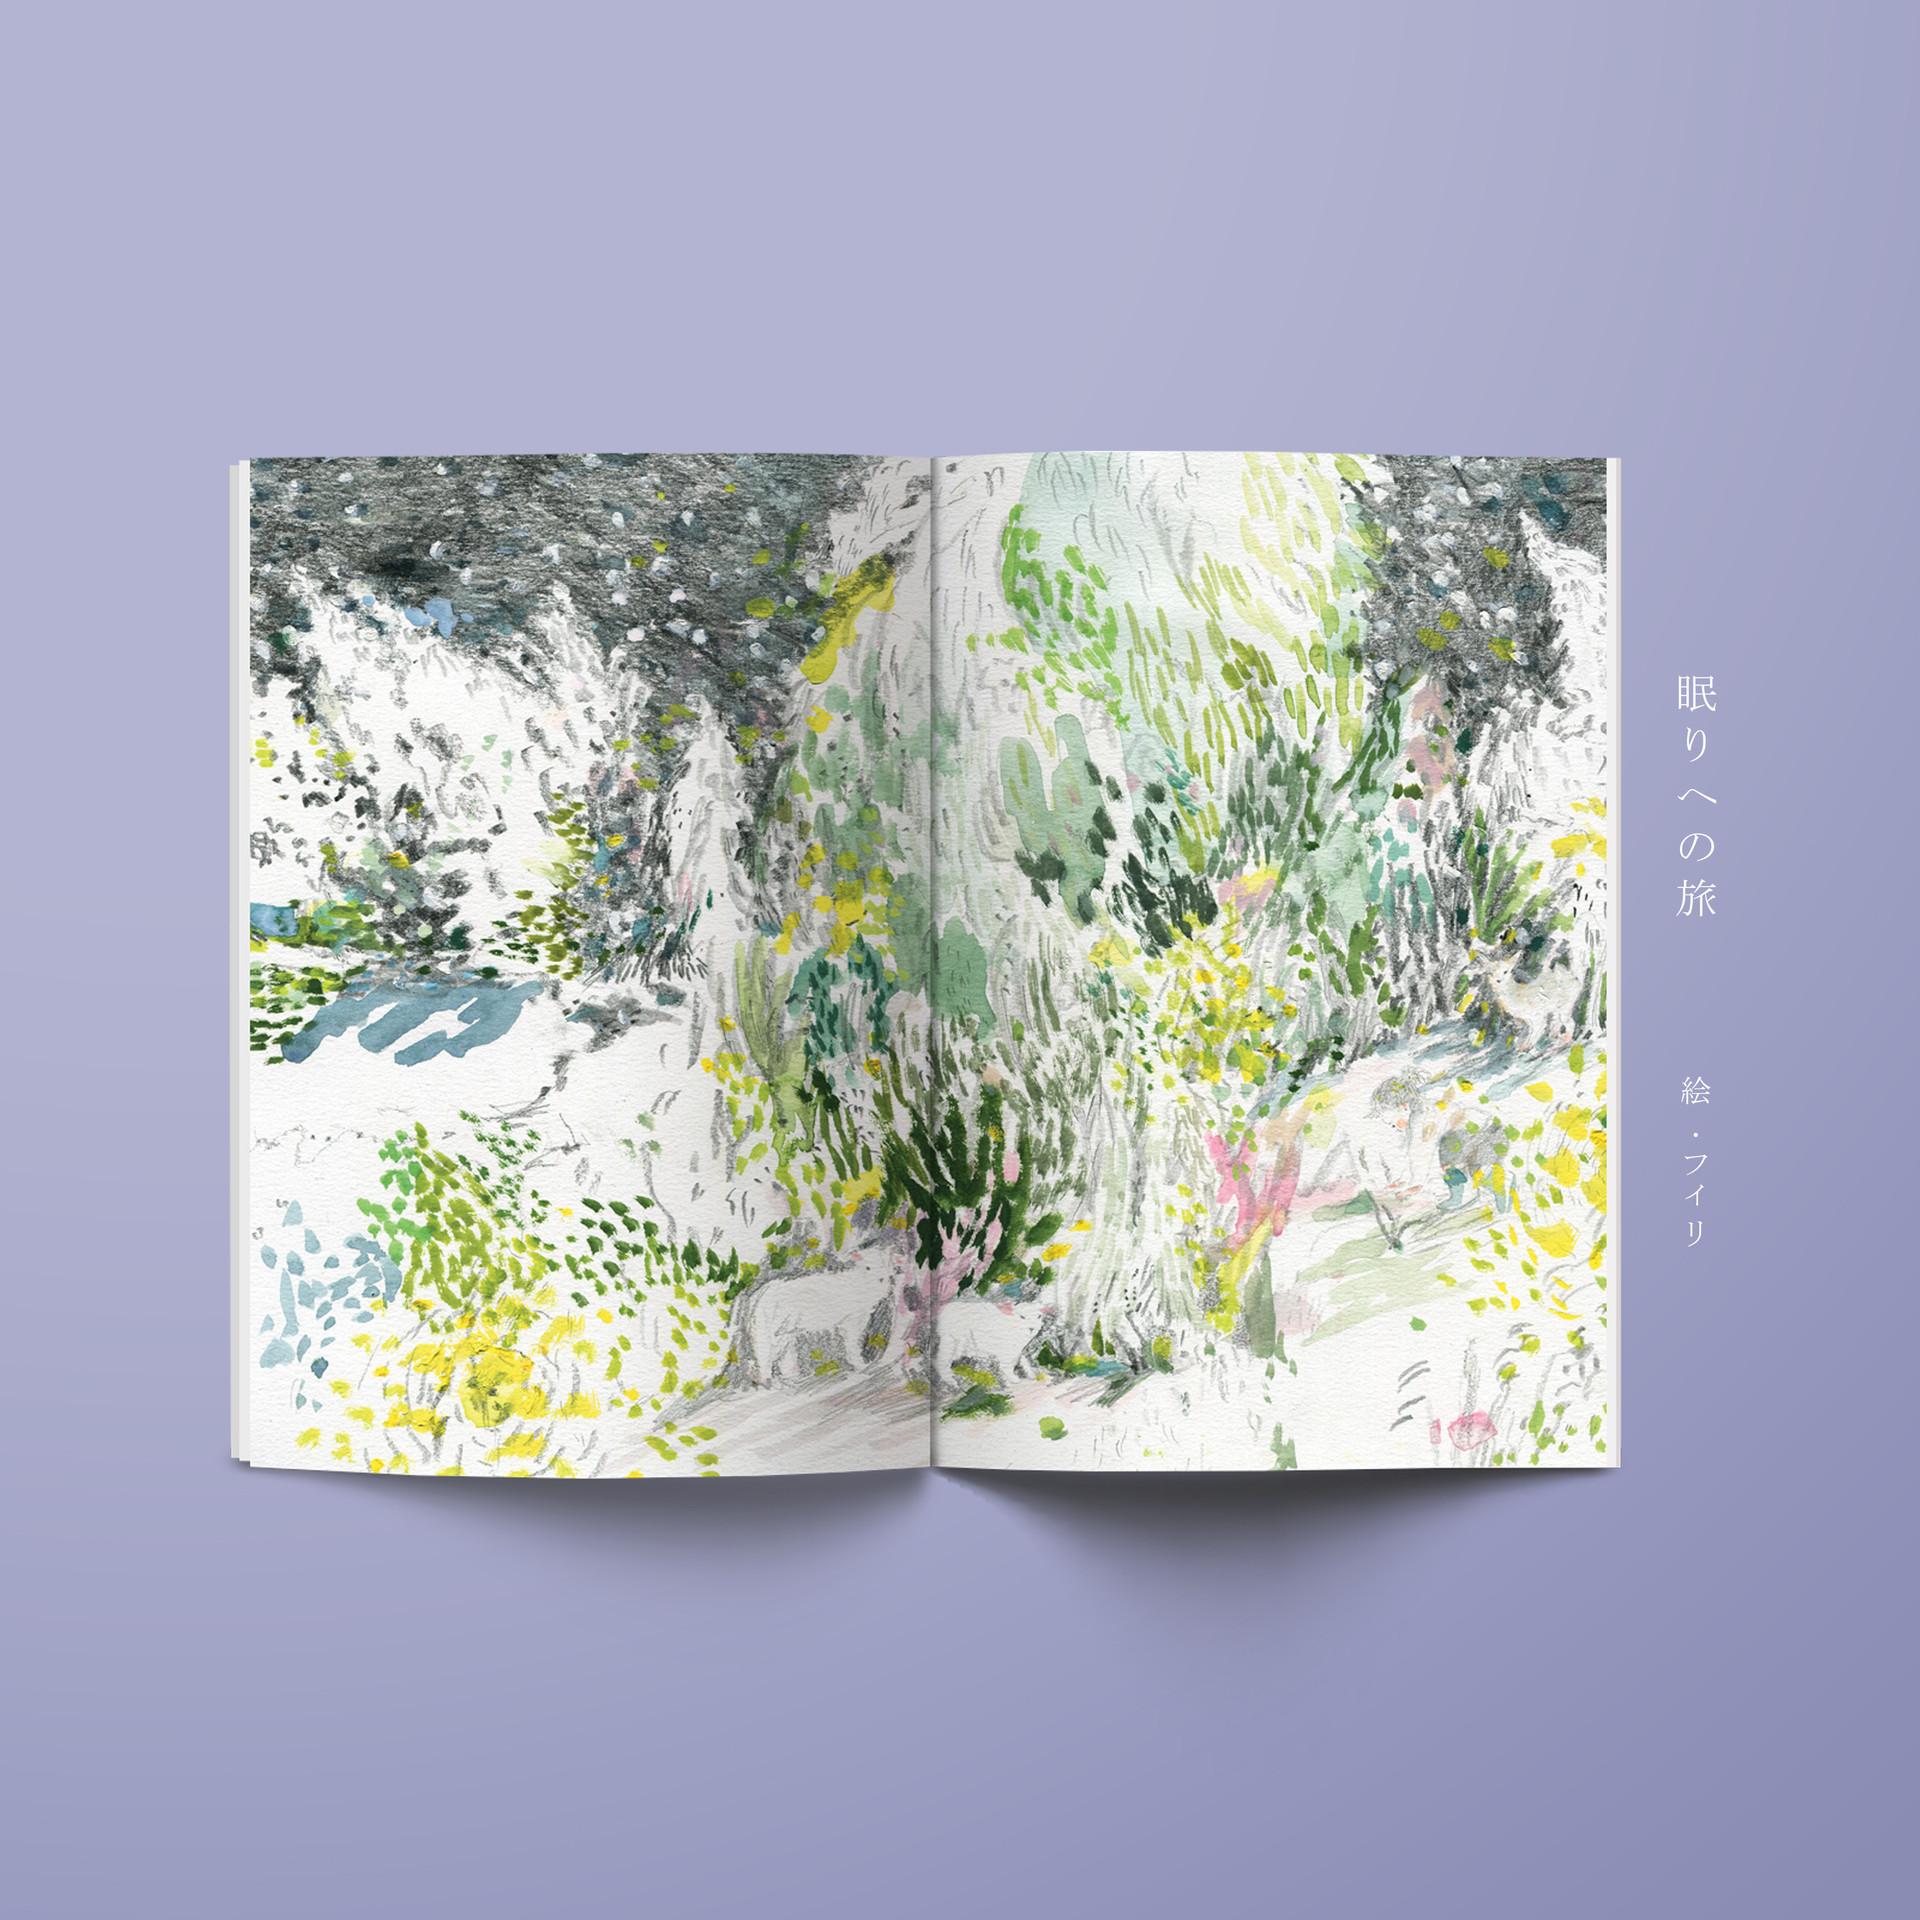 풍경과 방향_책 copy-2.JPG